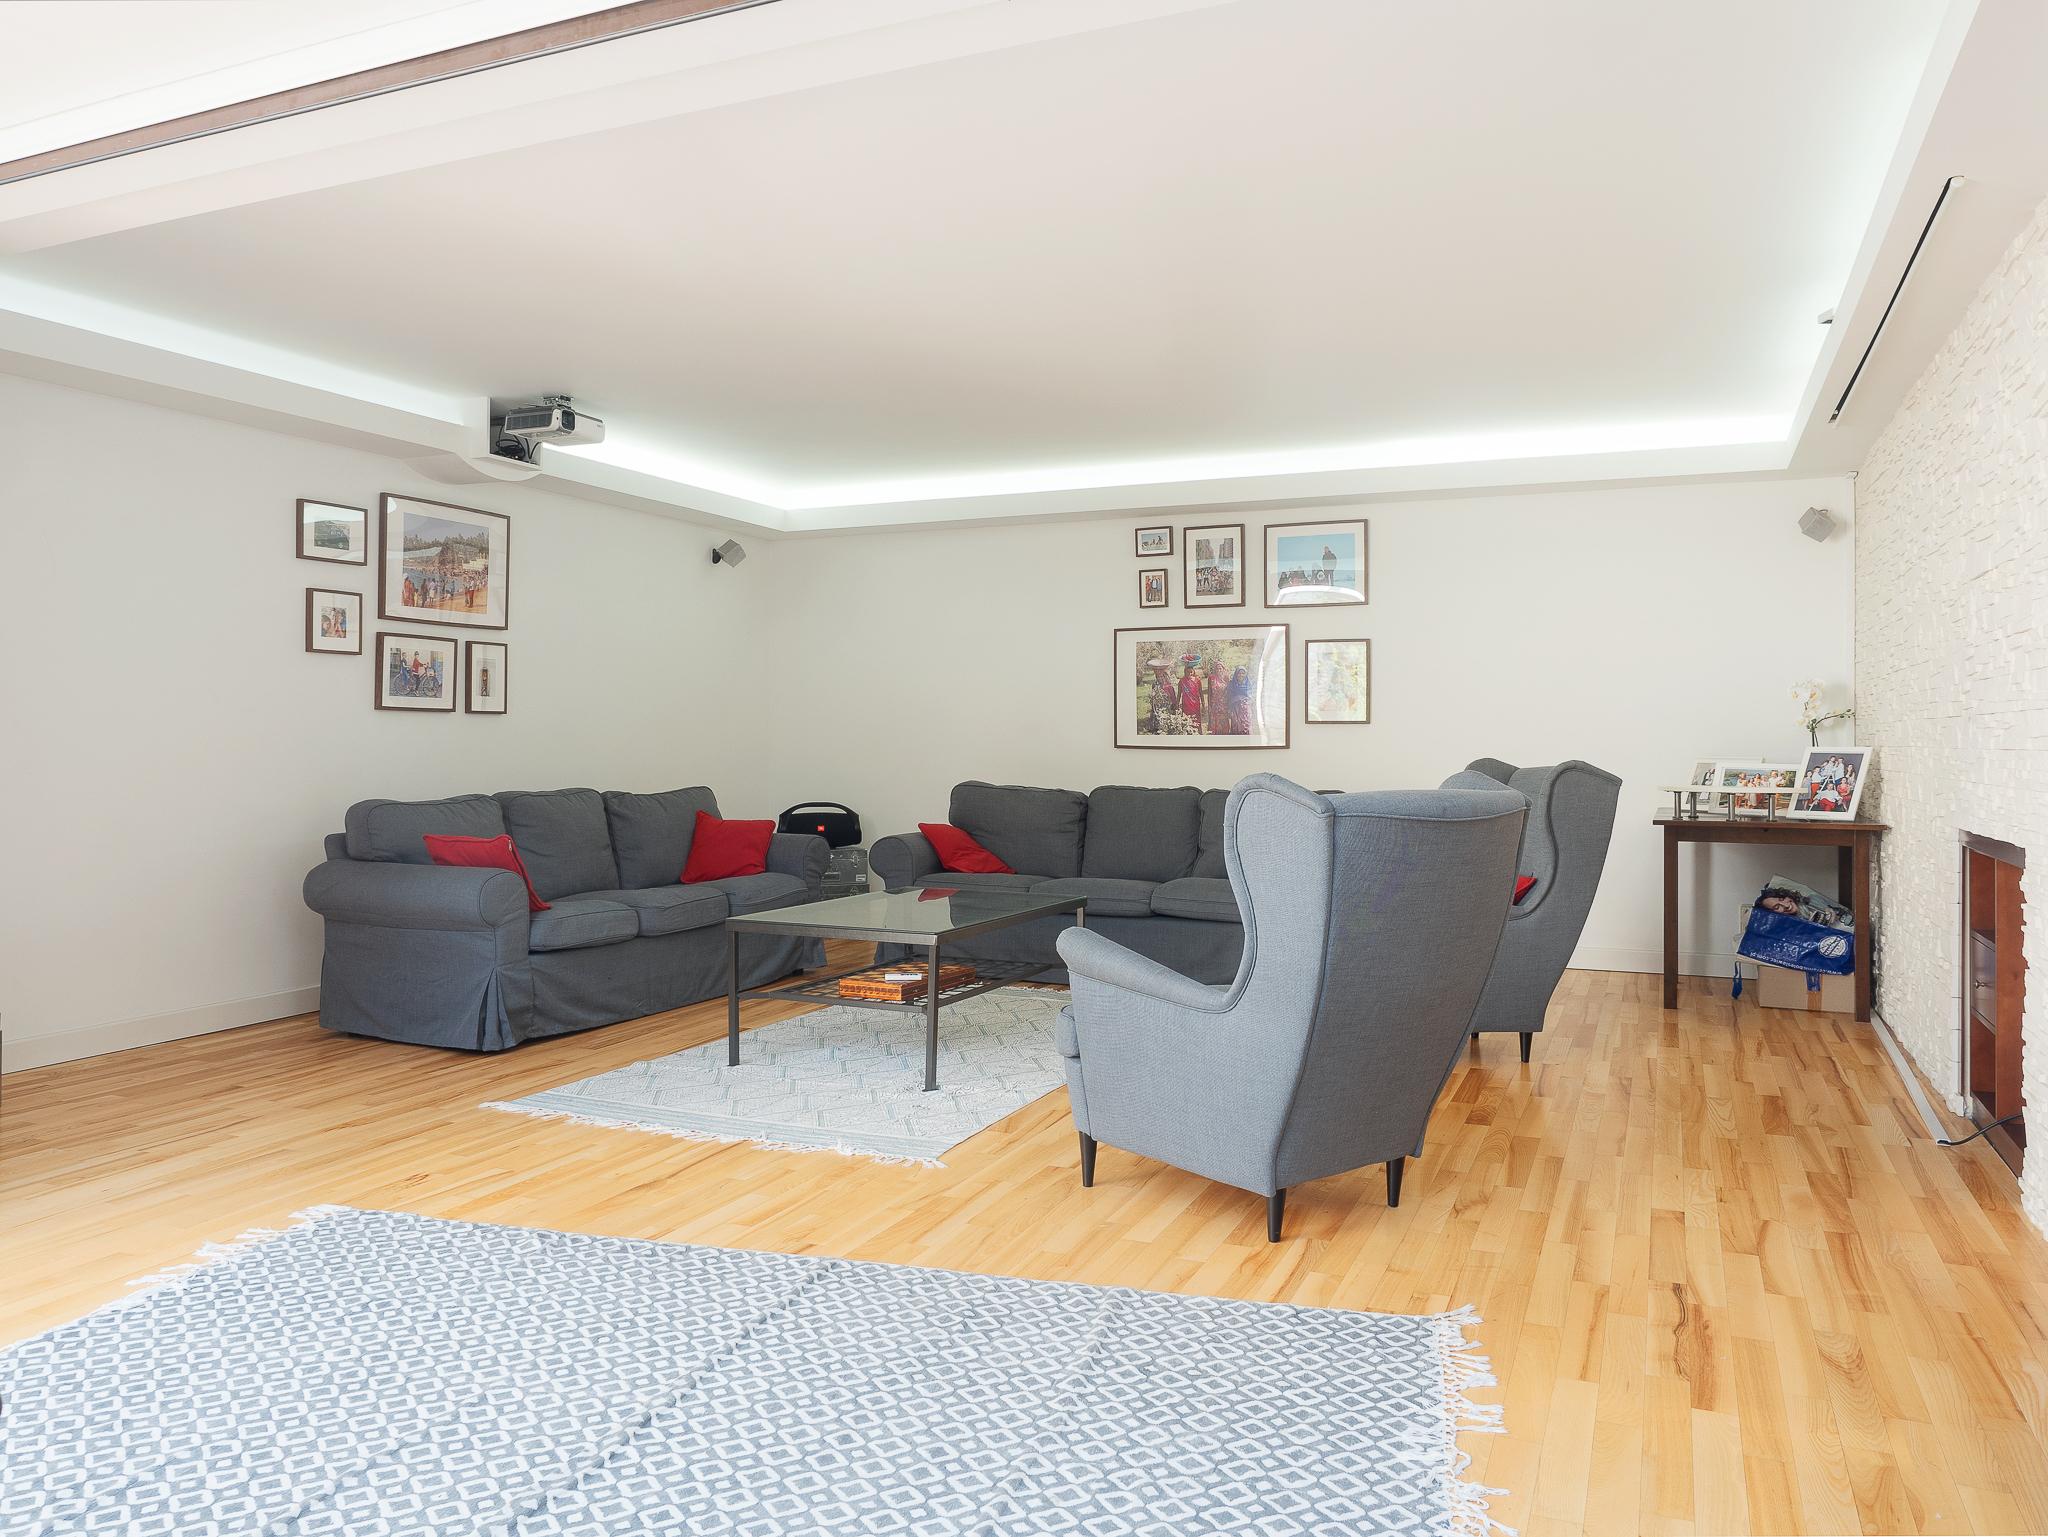 Dom w zabudowie bliźniaczej do wynajmu Saska Kępa - Biuro Nieruchomości House of Warsaw